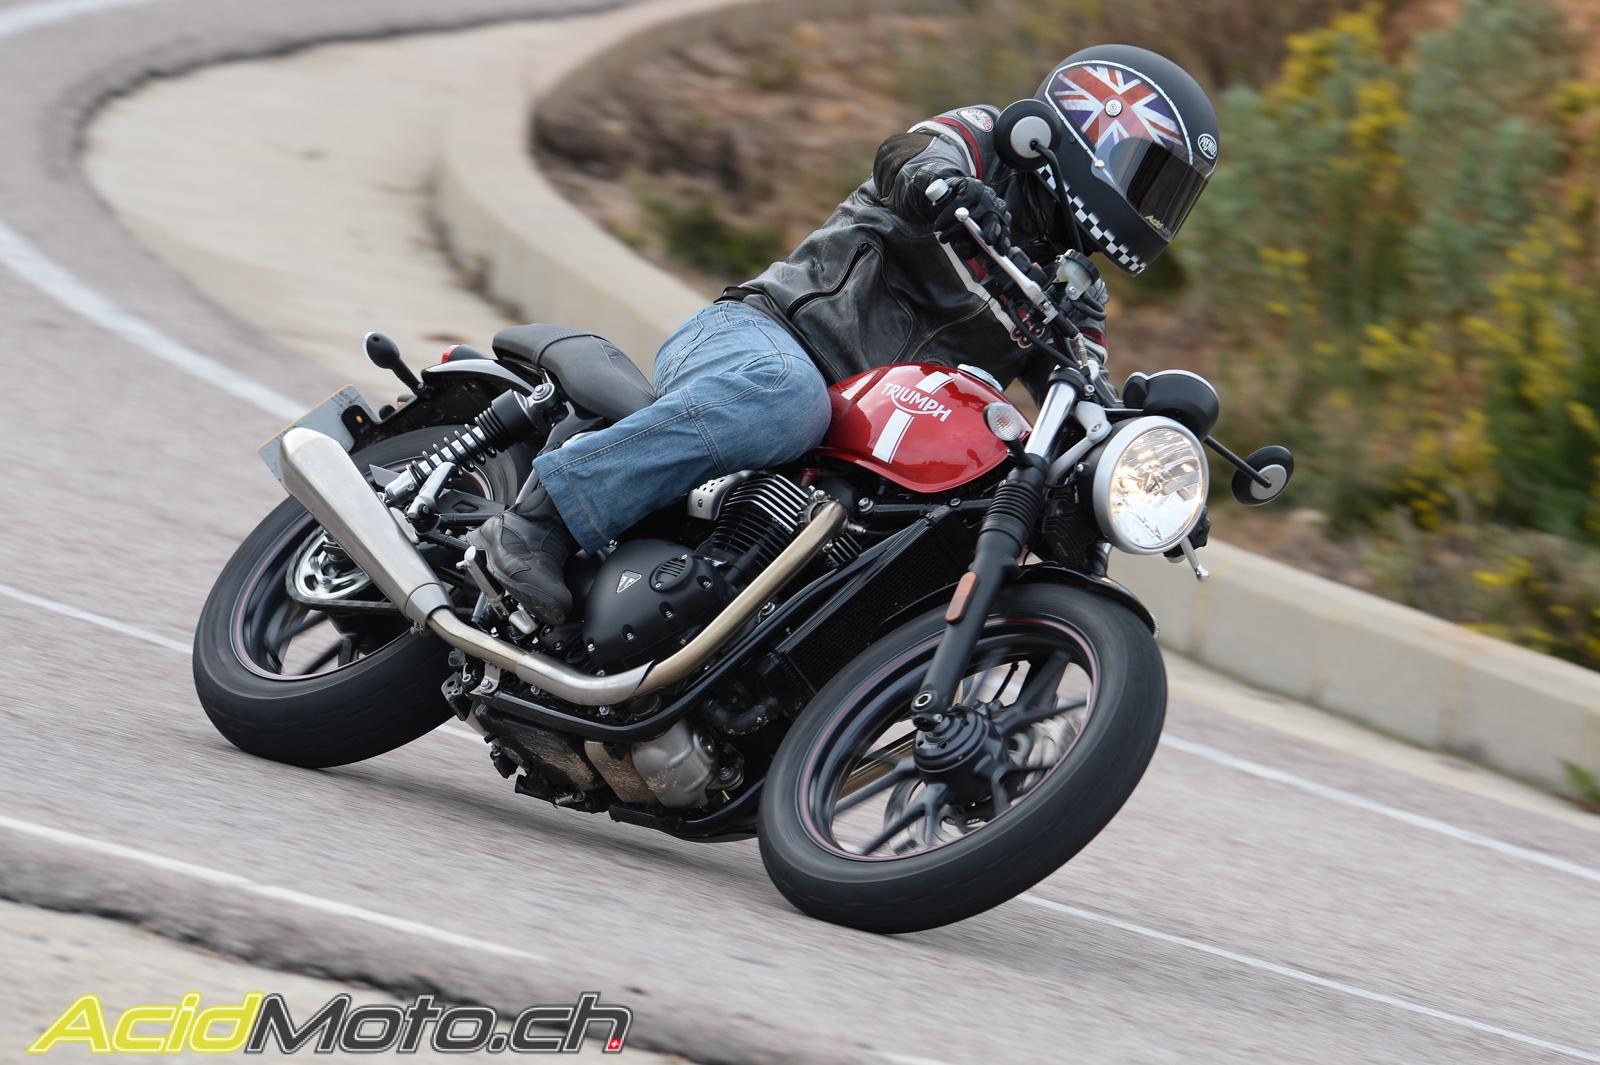 » Triumph Acidmoto 900 Bonneville La Twin Essai Pour Tous Street WUwxqH68C6